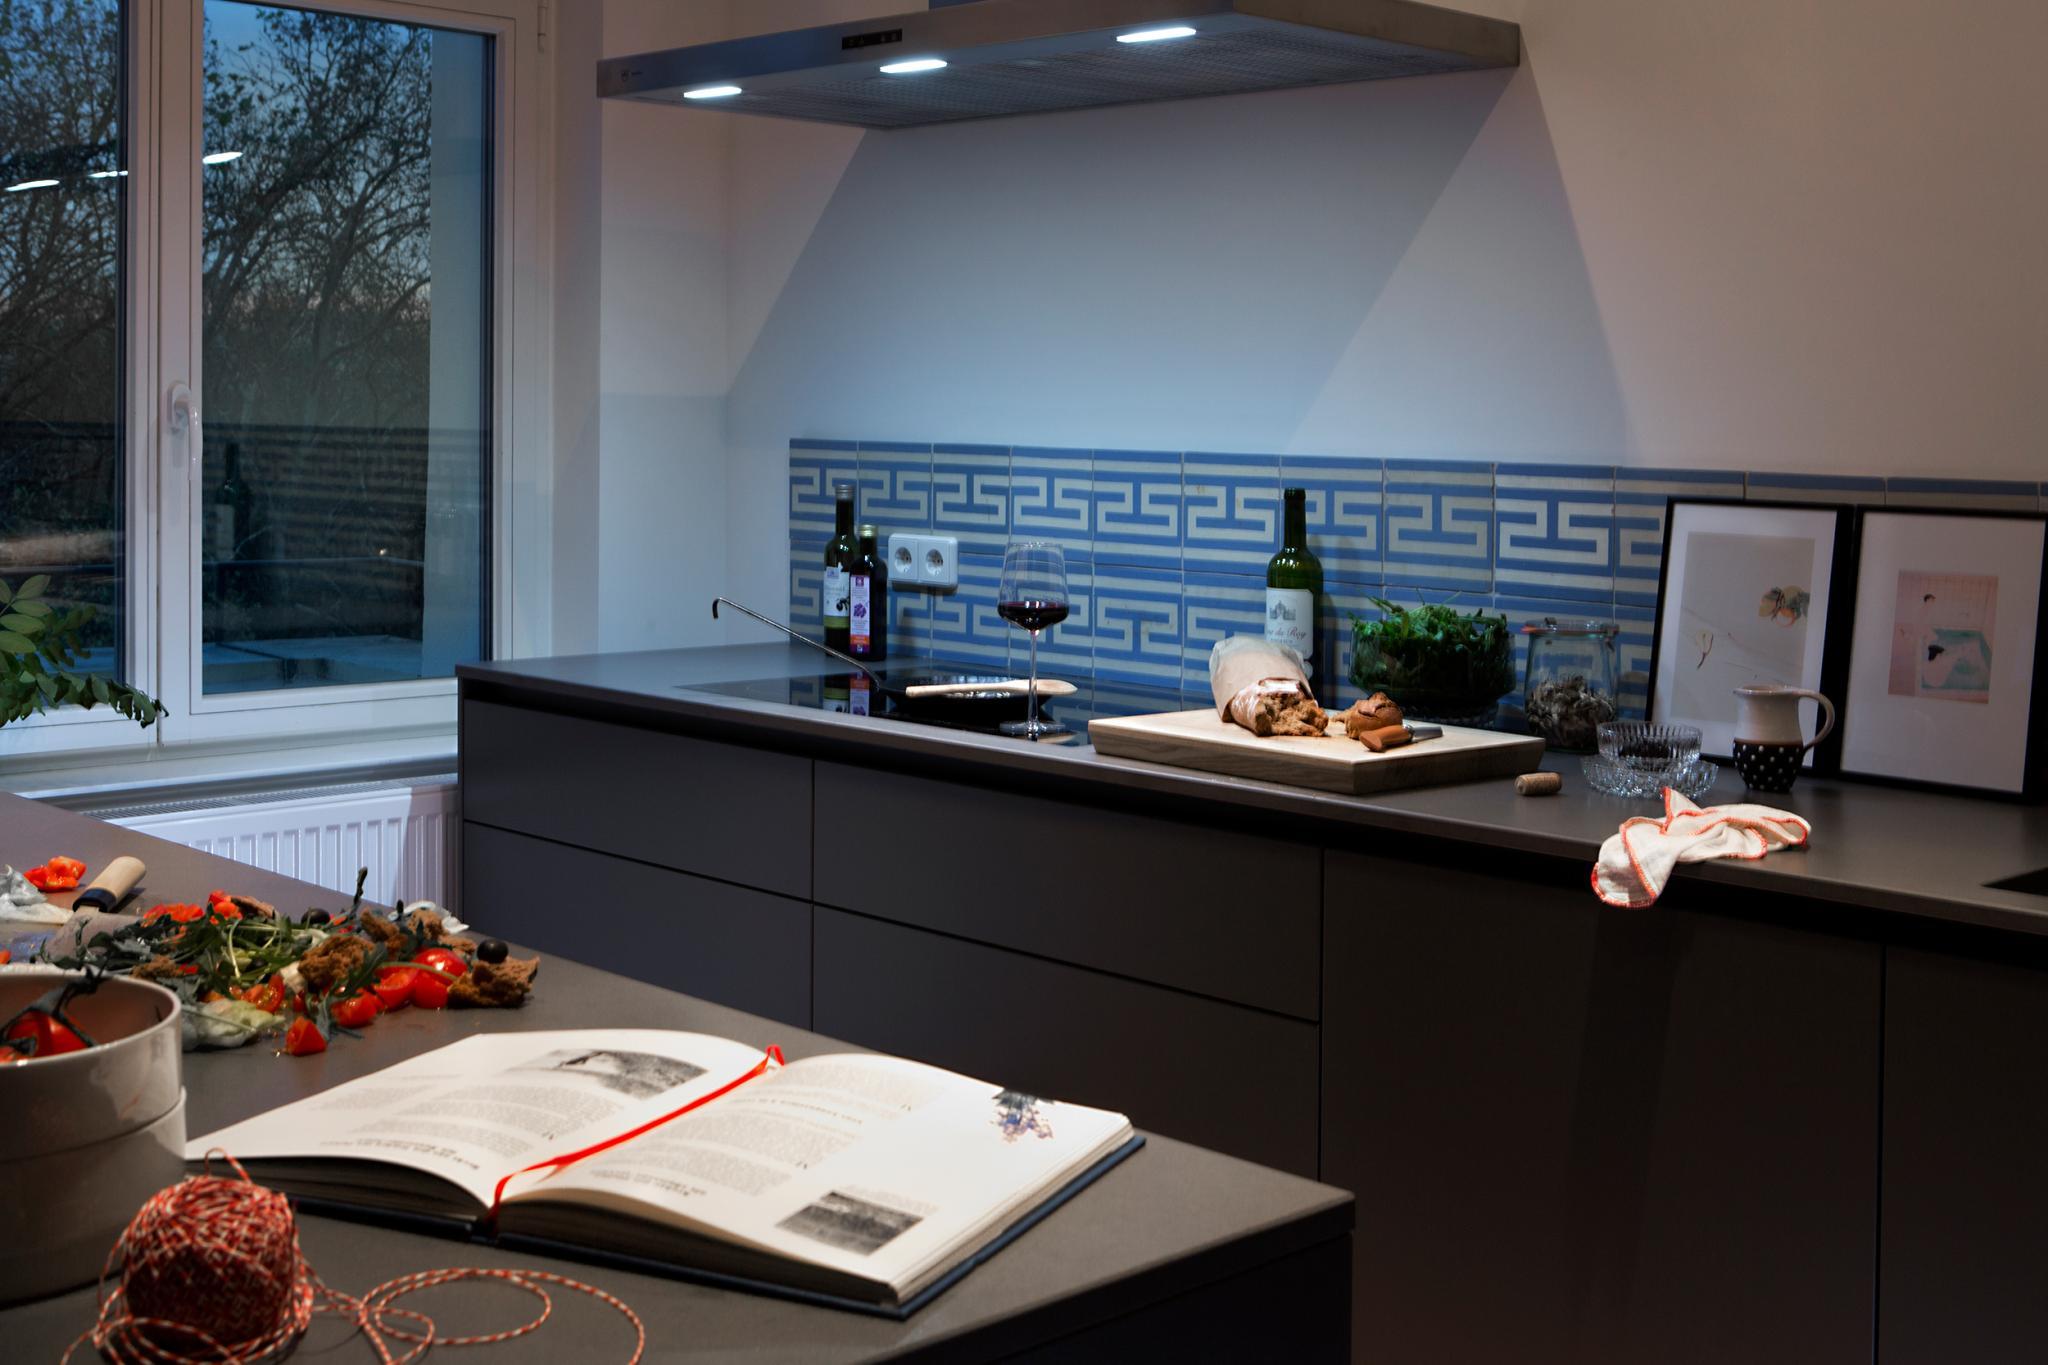 Erfreut Küchen Düren Galerie - Heimat Ideen - teatrooltrebambini.info